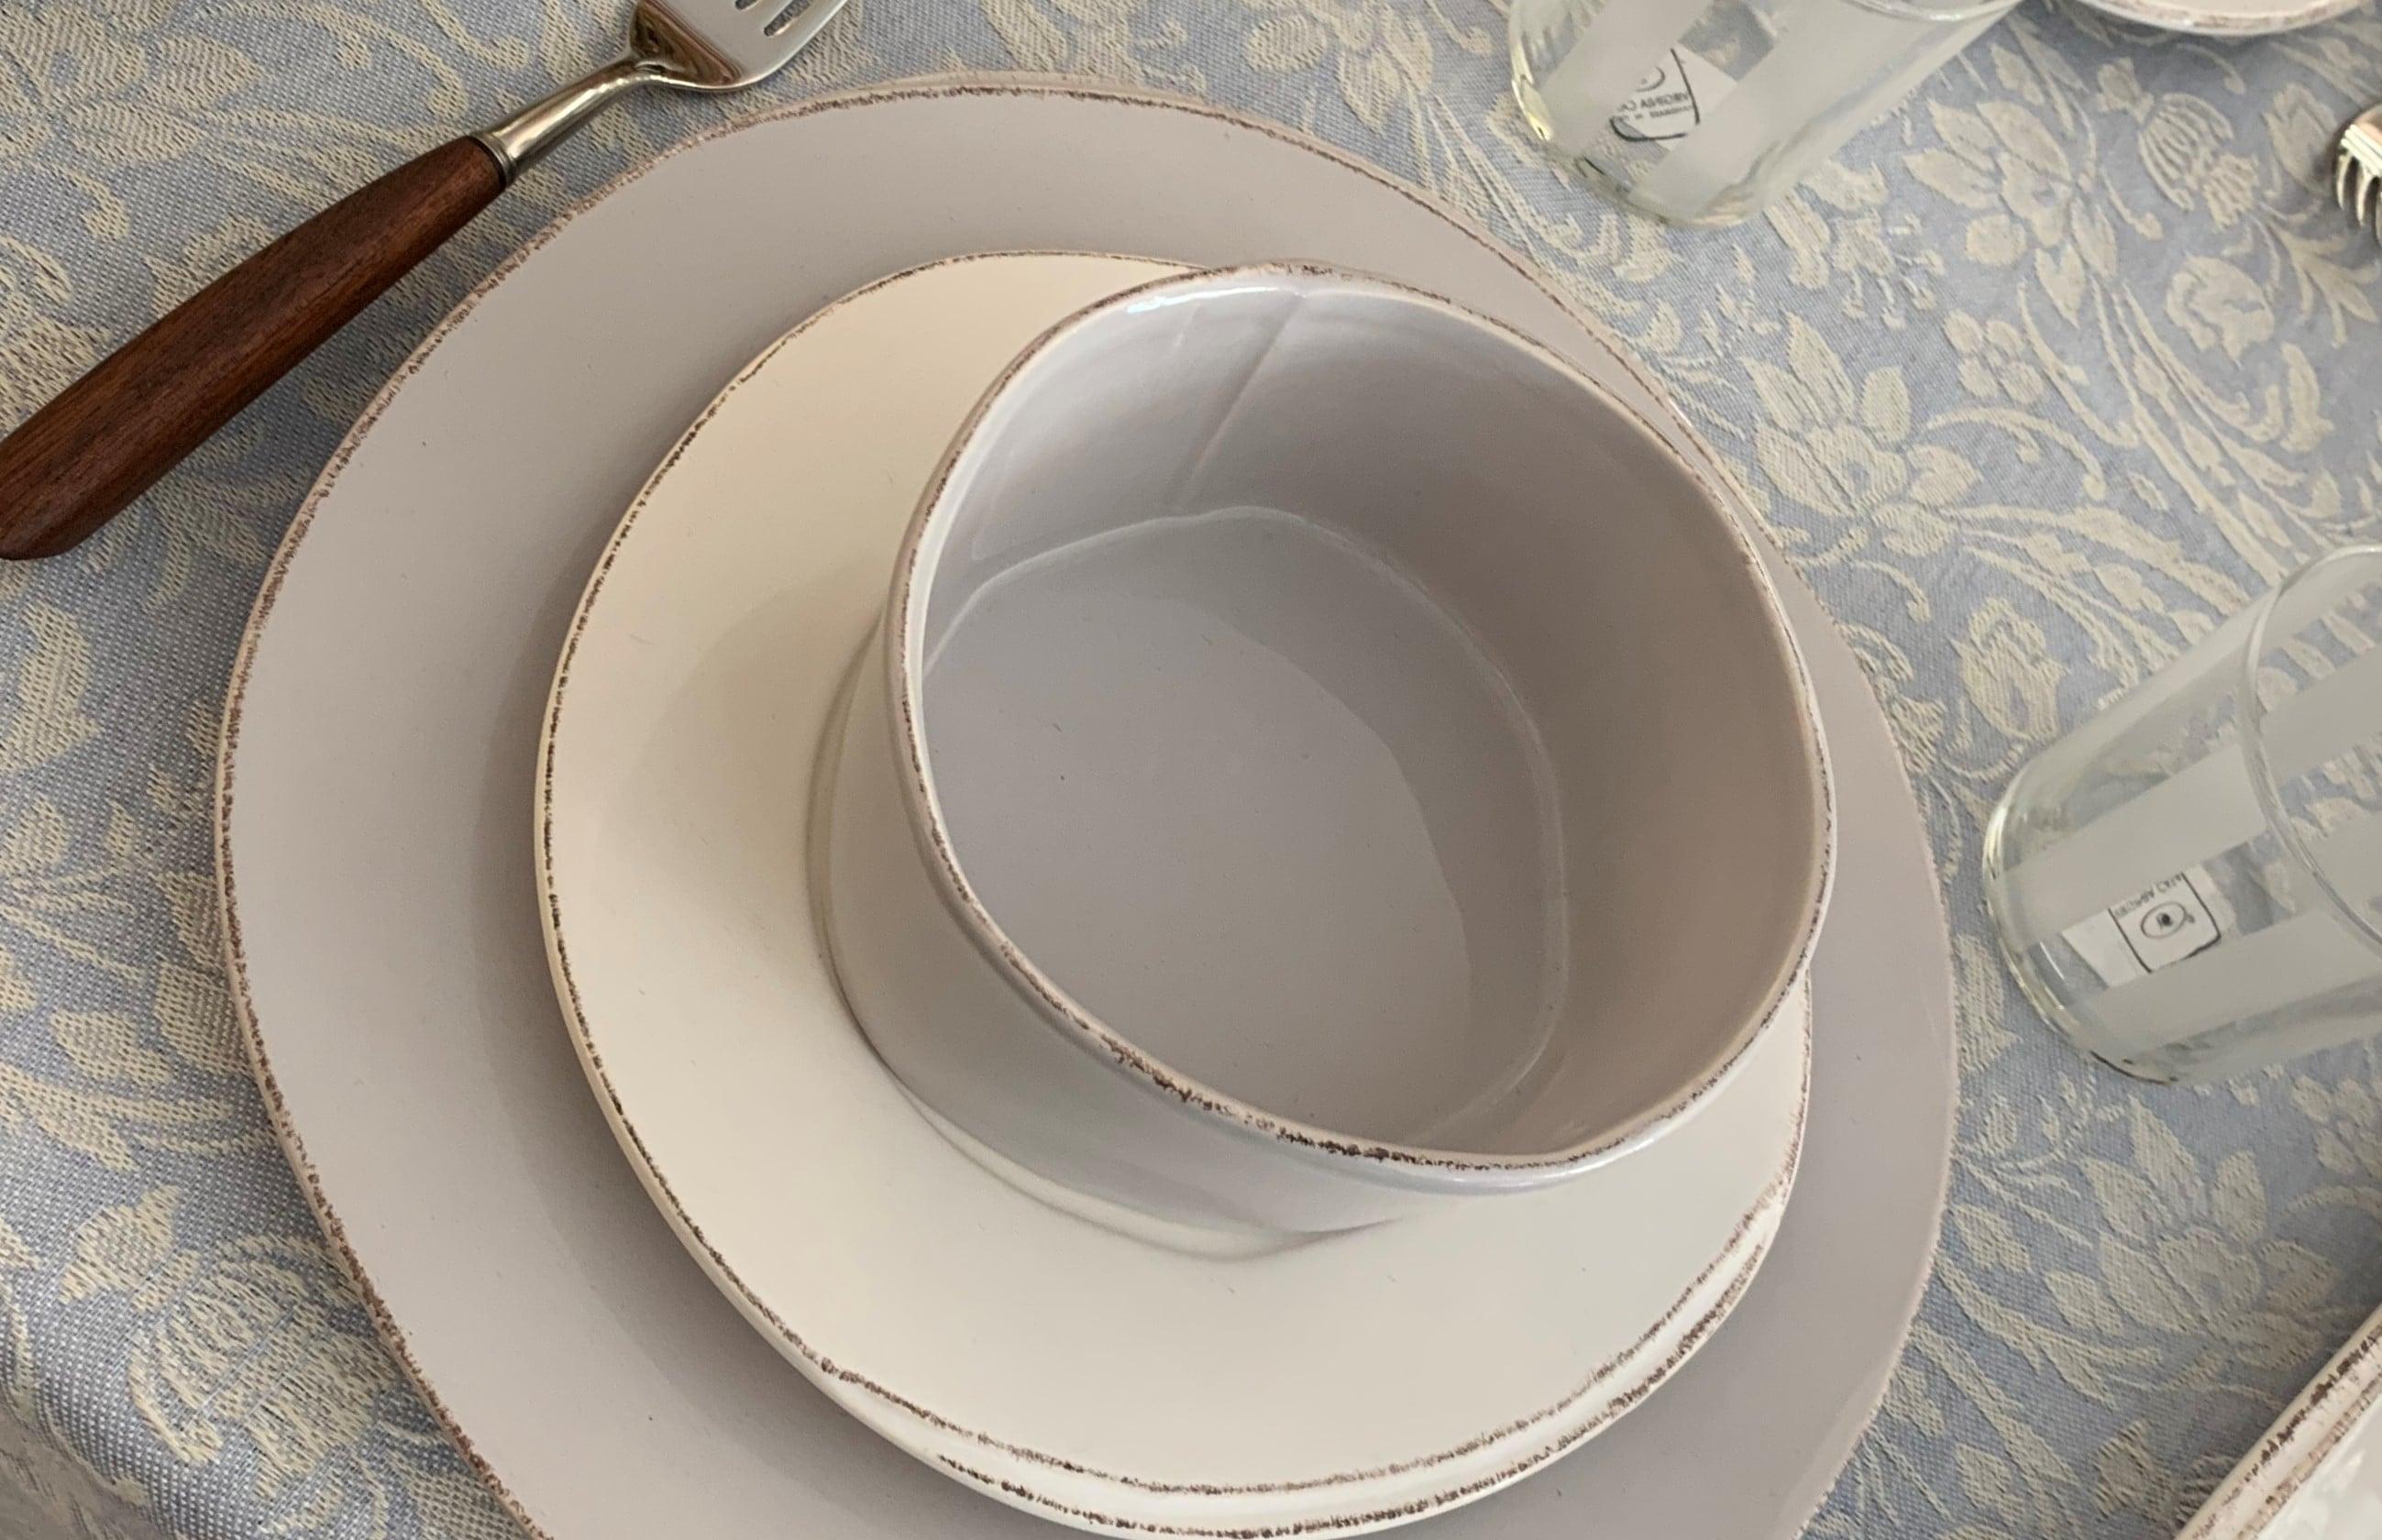 Ceramiche Toscane Montelupo Fiorentino negozio di articoli artgianali della toscana